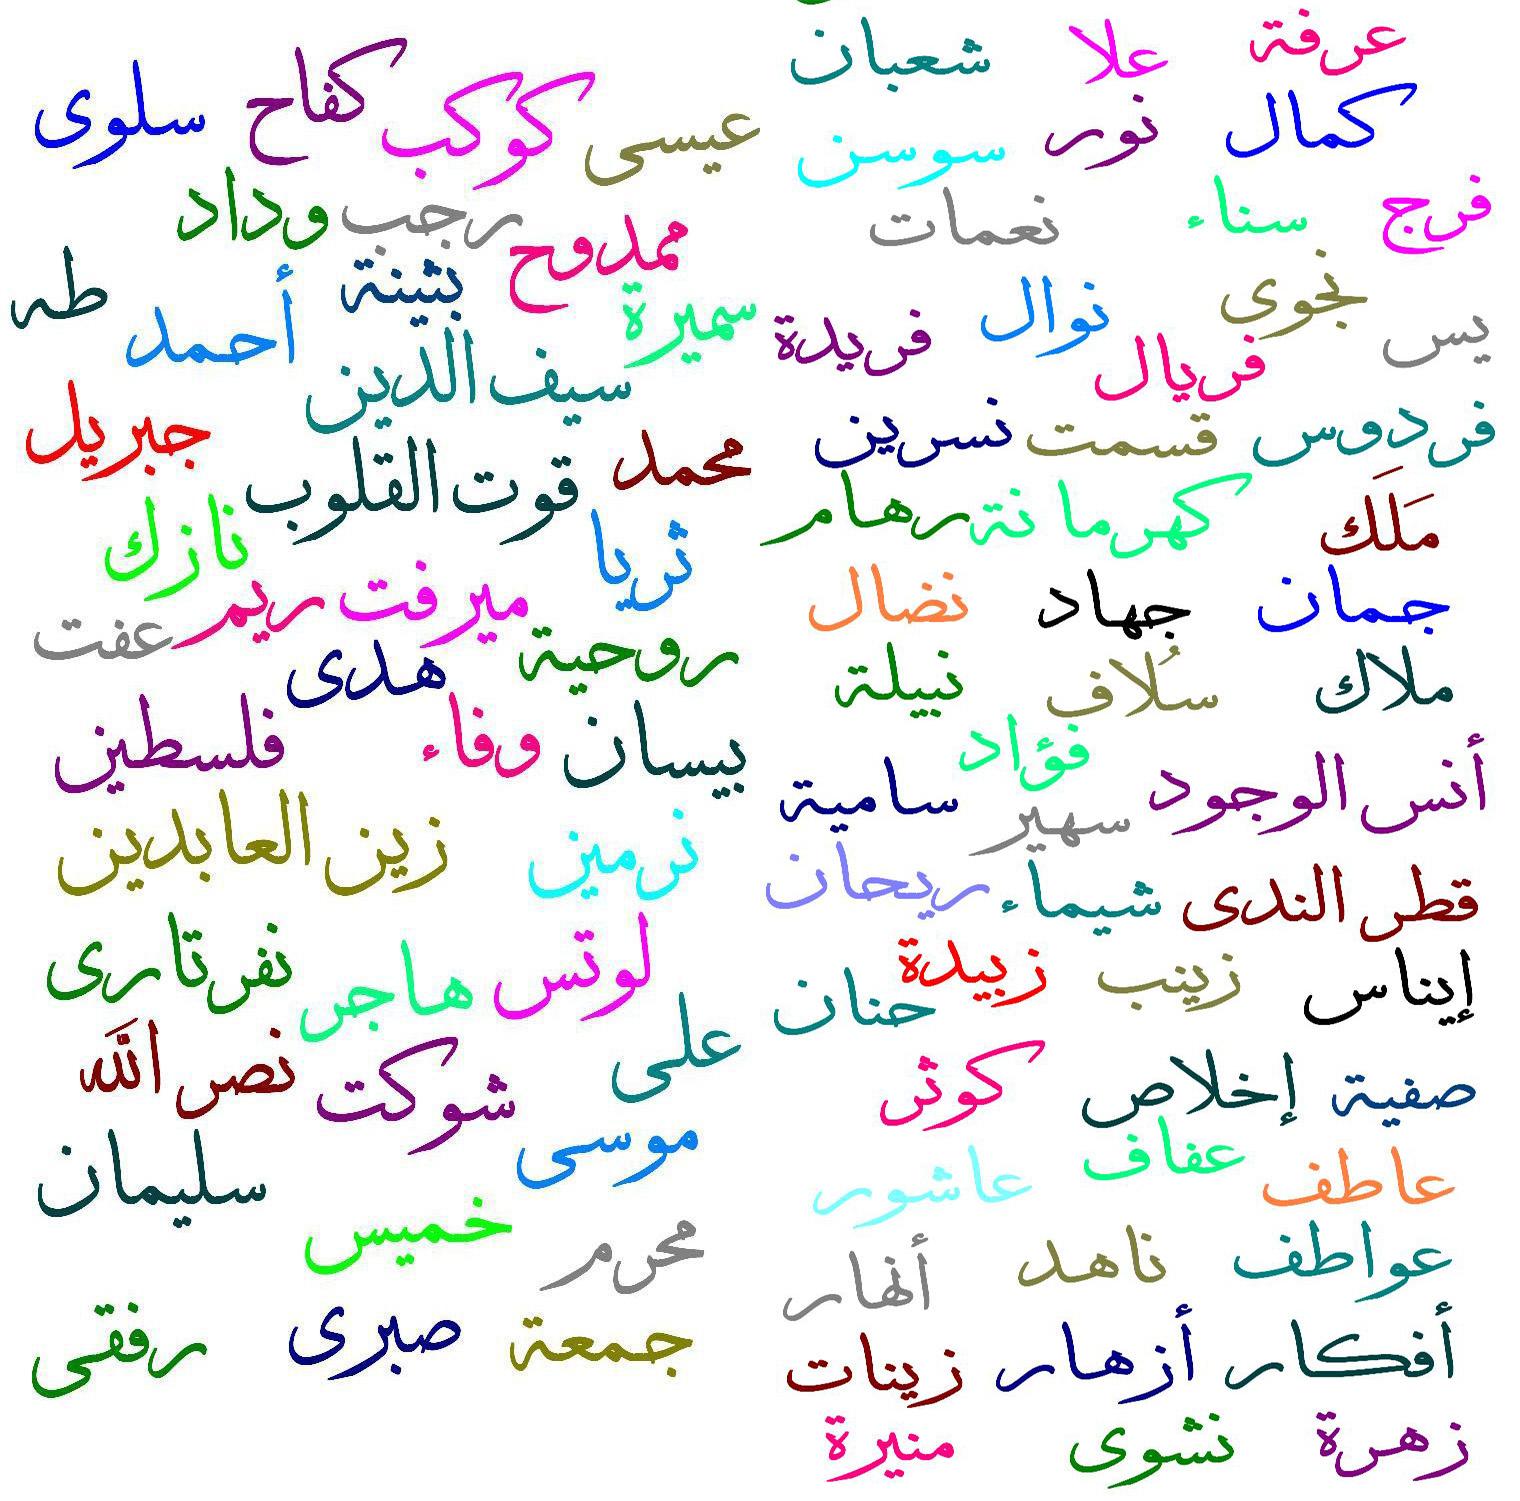 صورة اسماء غريبة اولاد , اغرب الاسماء الذكورية